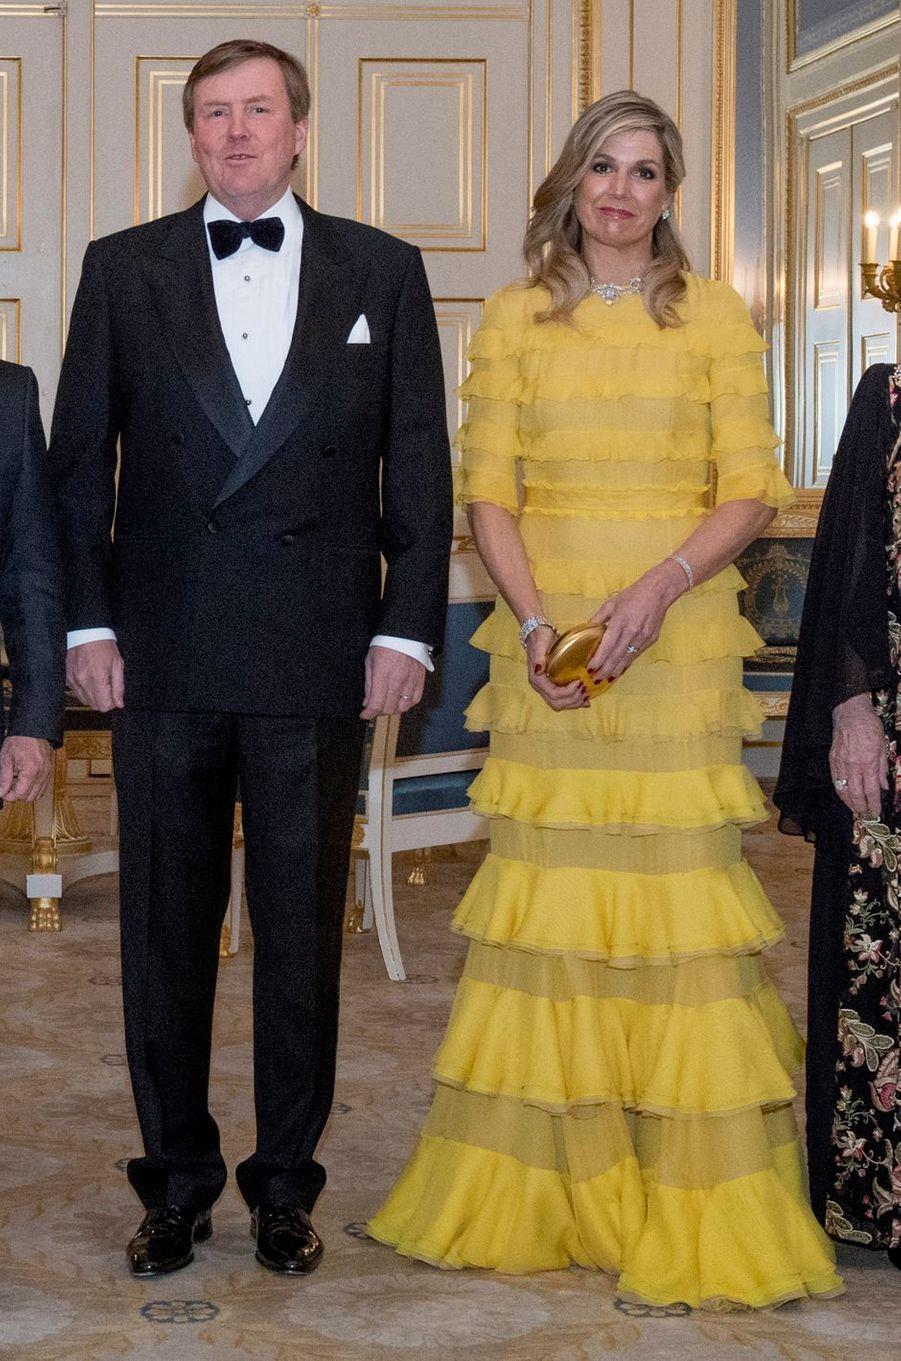 La reine Maxima et le roi Willem-Alexander des Pays-Bas à La Haye, le 20 mars 2018